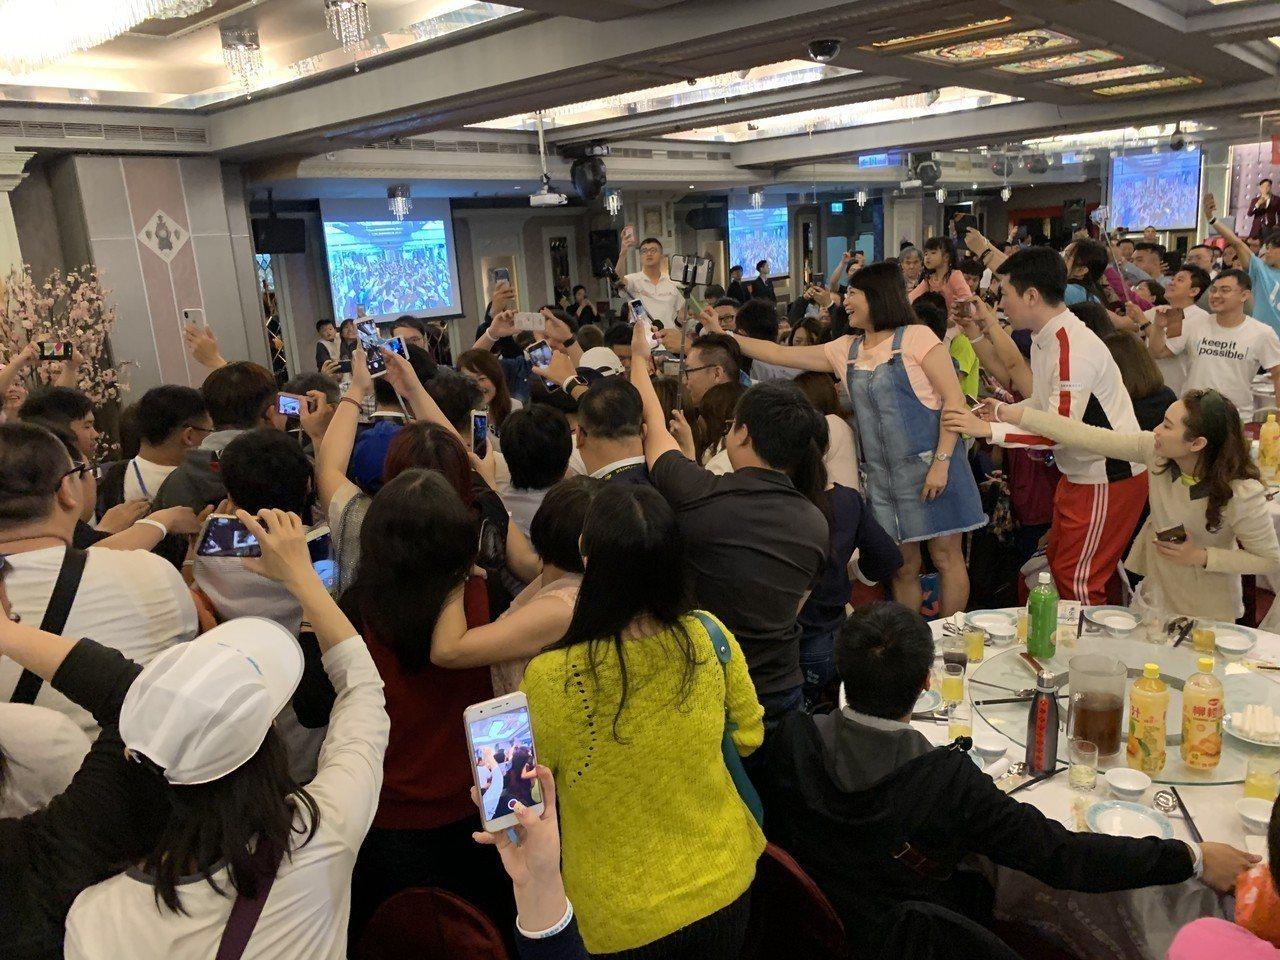 台北市長柯文哲「台中行」所到之處都造成旋風,「中部粉絲見面會」一到場就引發暴動,...